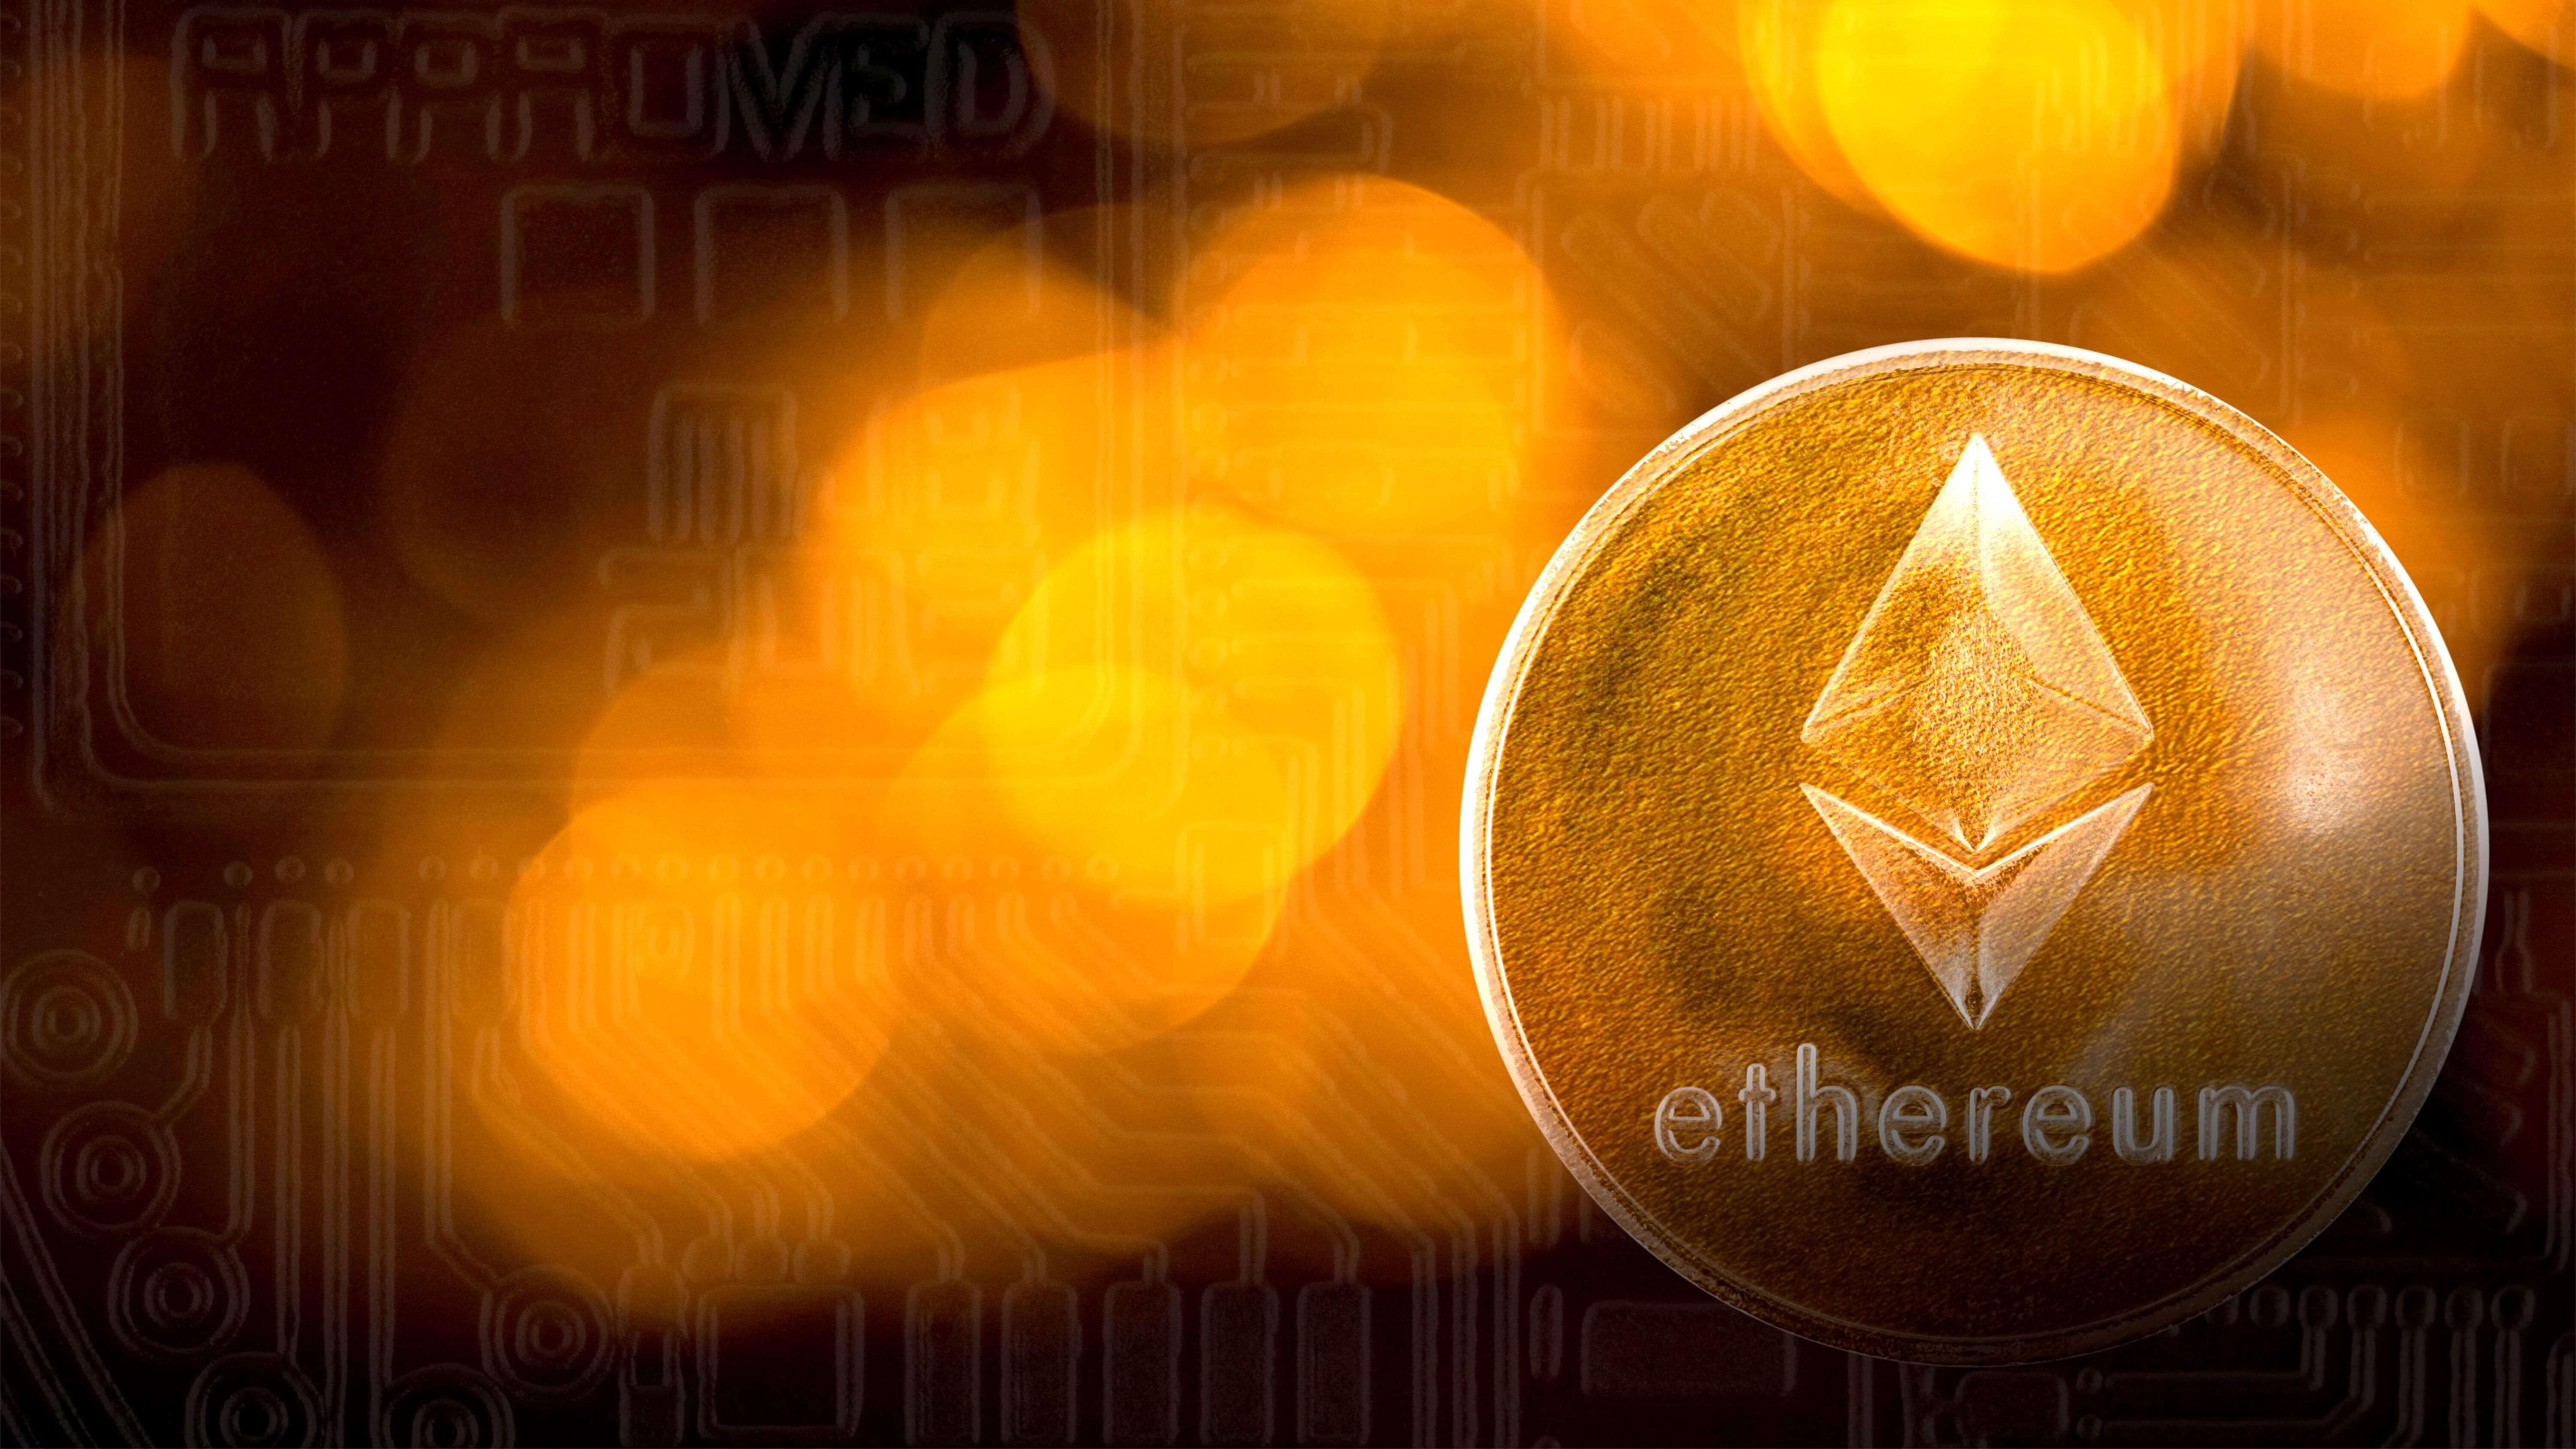 イーサリアム(Ethereum/ETH)はいくらから買える?買い方を解説